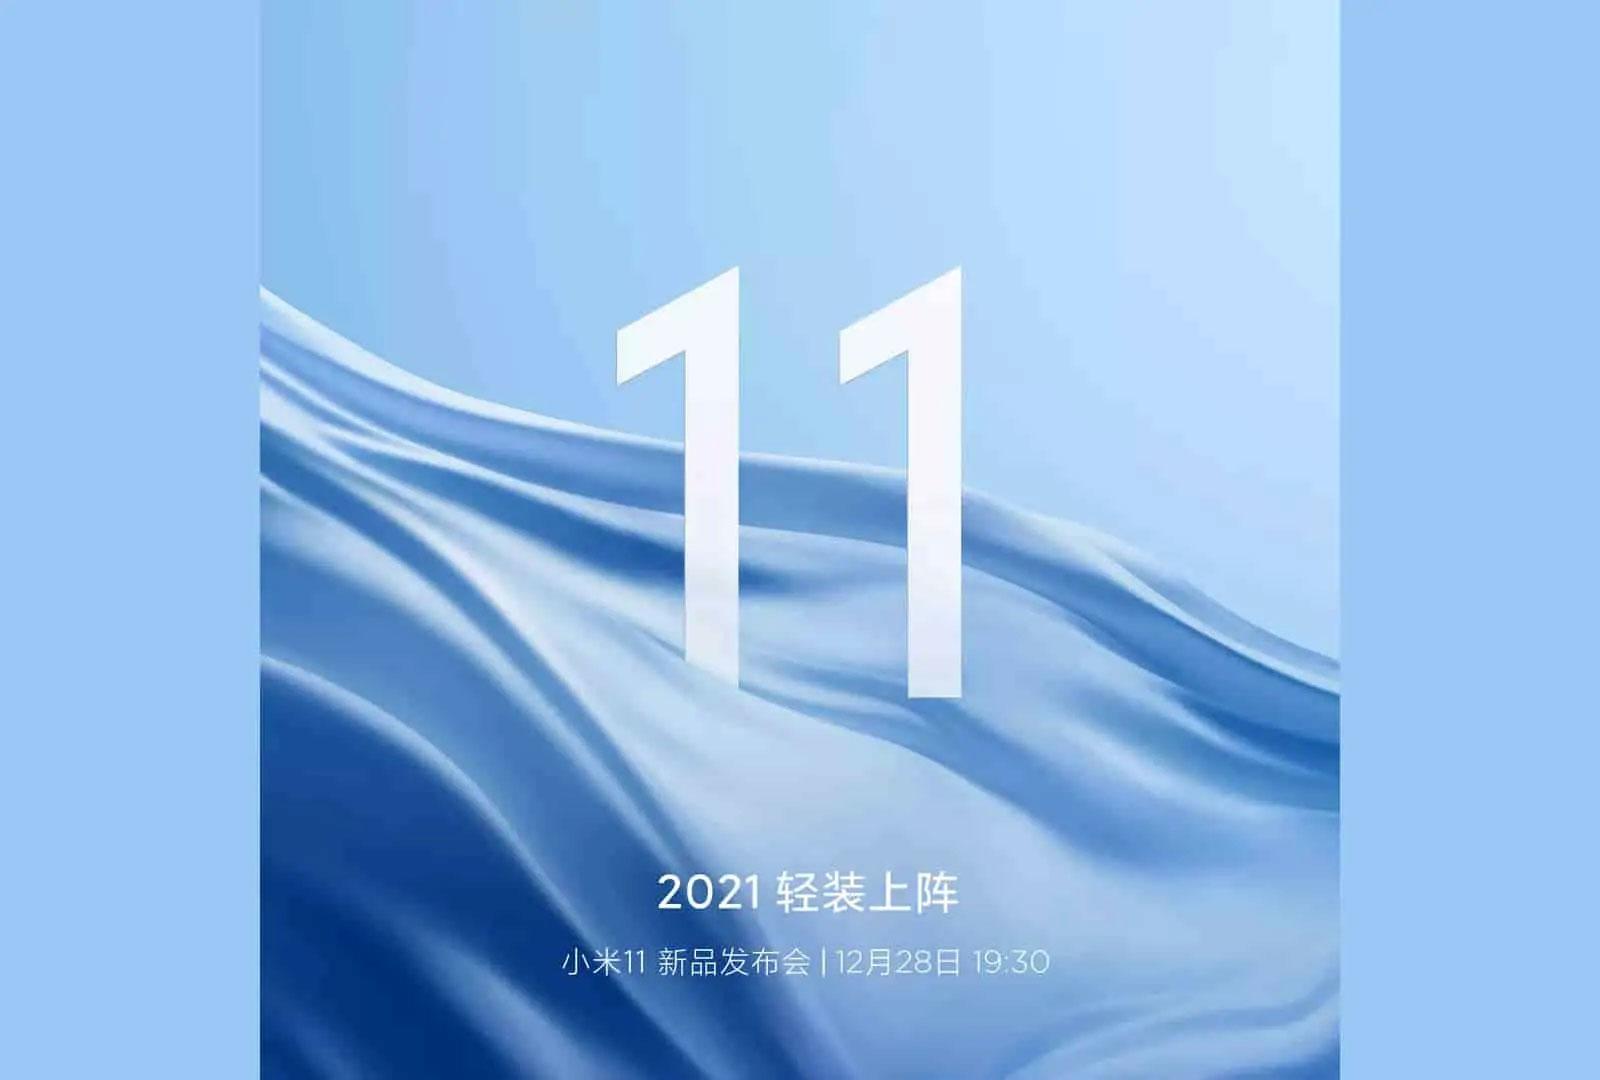 تاریخ معرفی شیائومی Mi 11 رسما مشخص شد: ۸ دی ۹۹